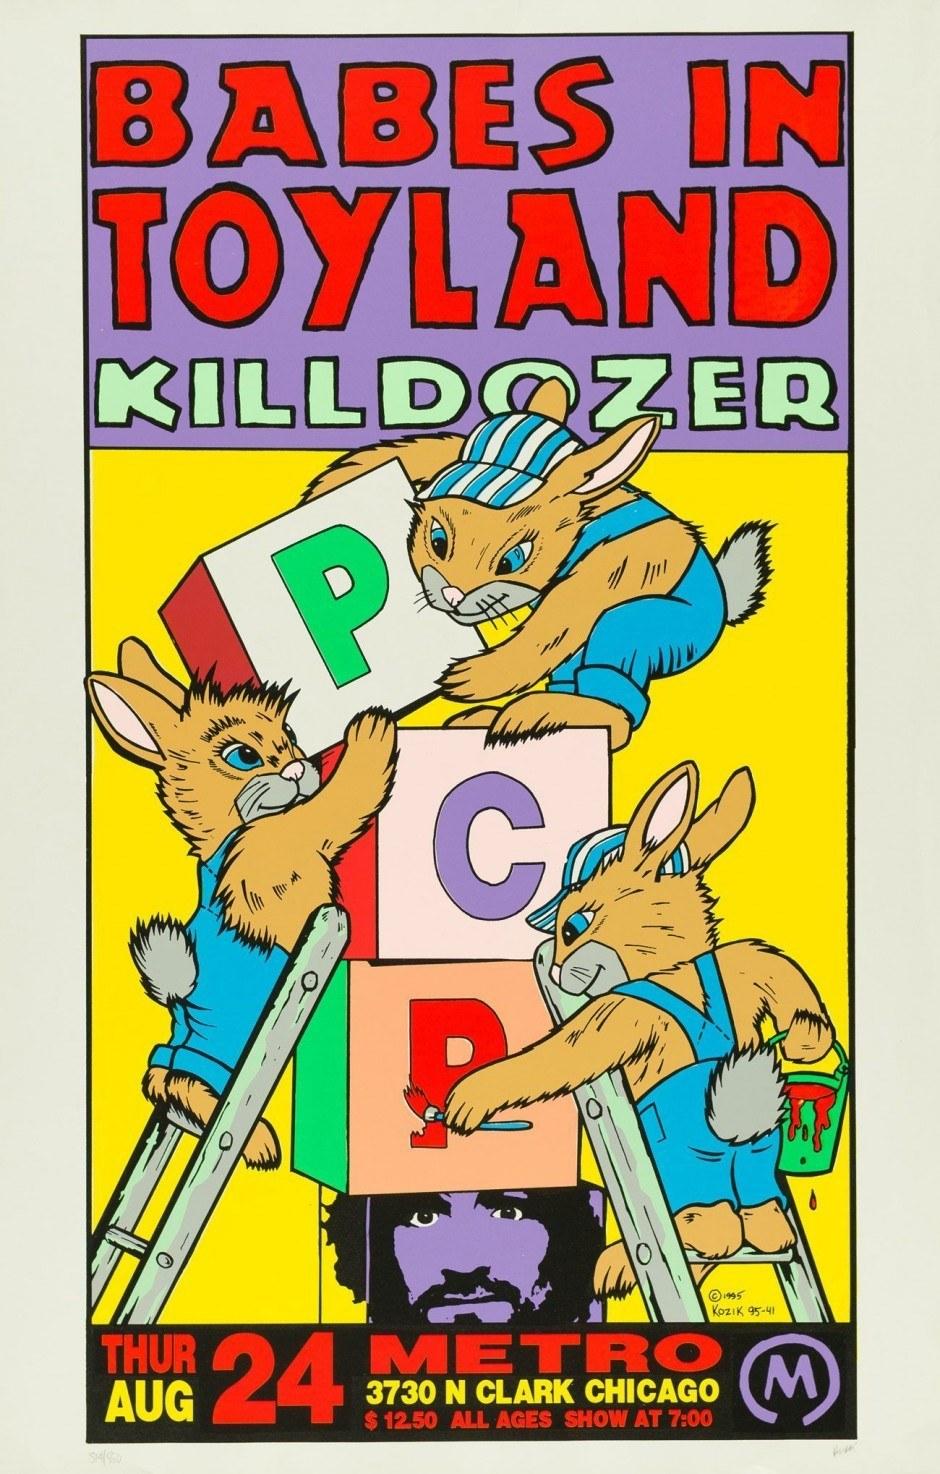 Frank Kozik, Babes in Toyland Killdozer, Chicago, 1995, Siebdruck, 89 x 57,2 cm